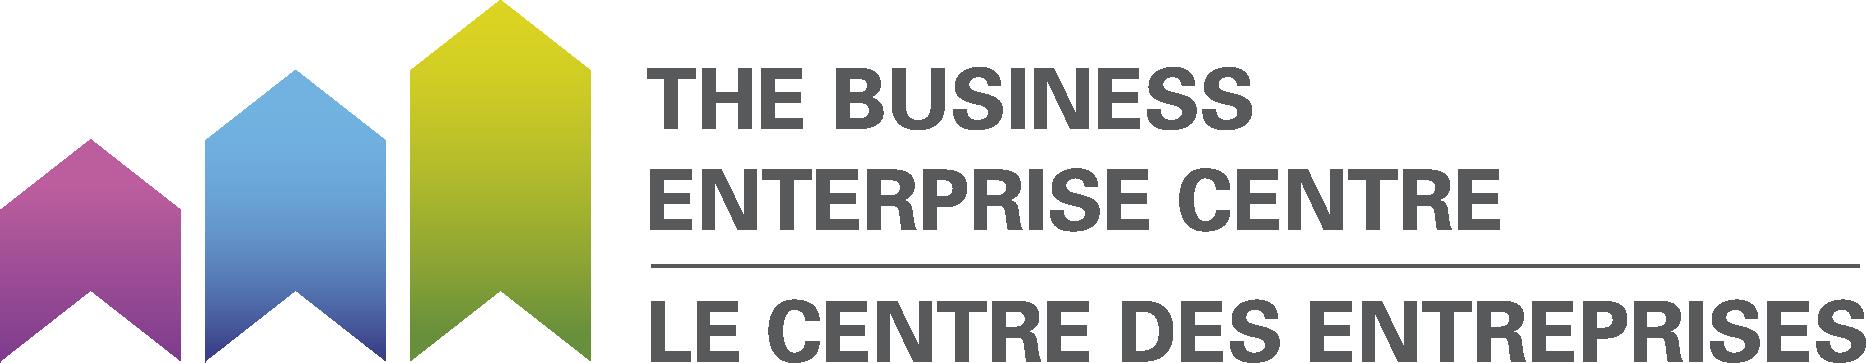 The Business Enterprise Centre